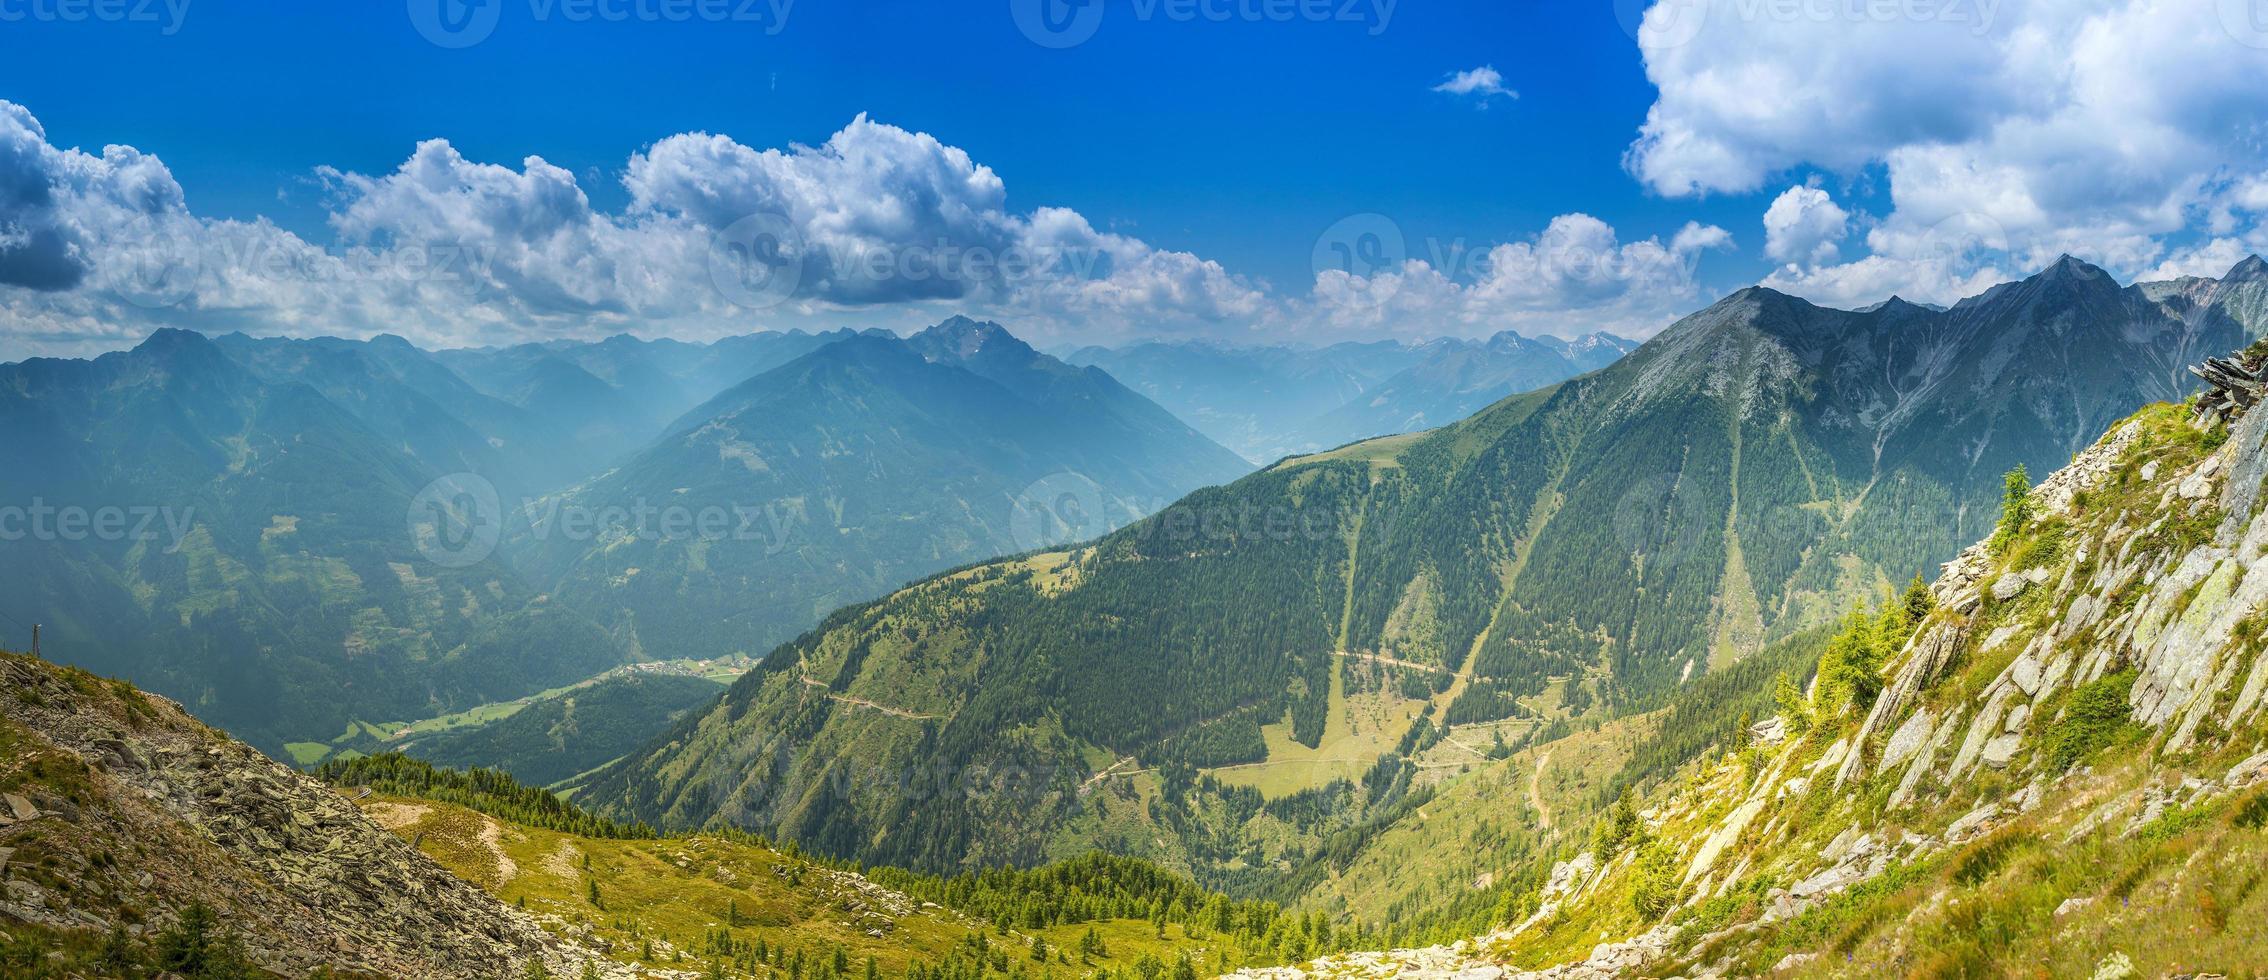 Alpen in de zomer foto